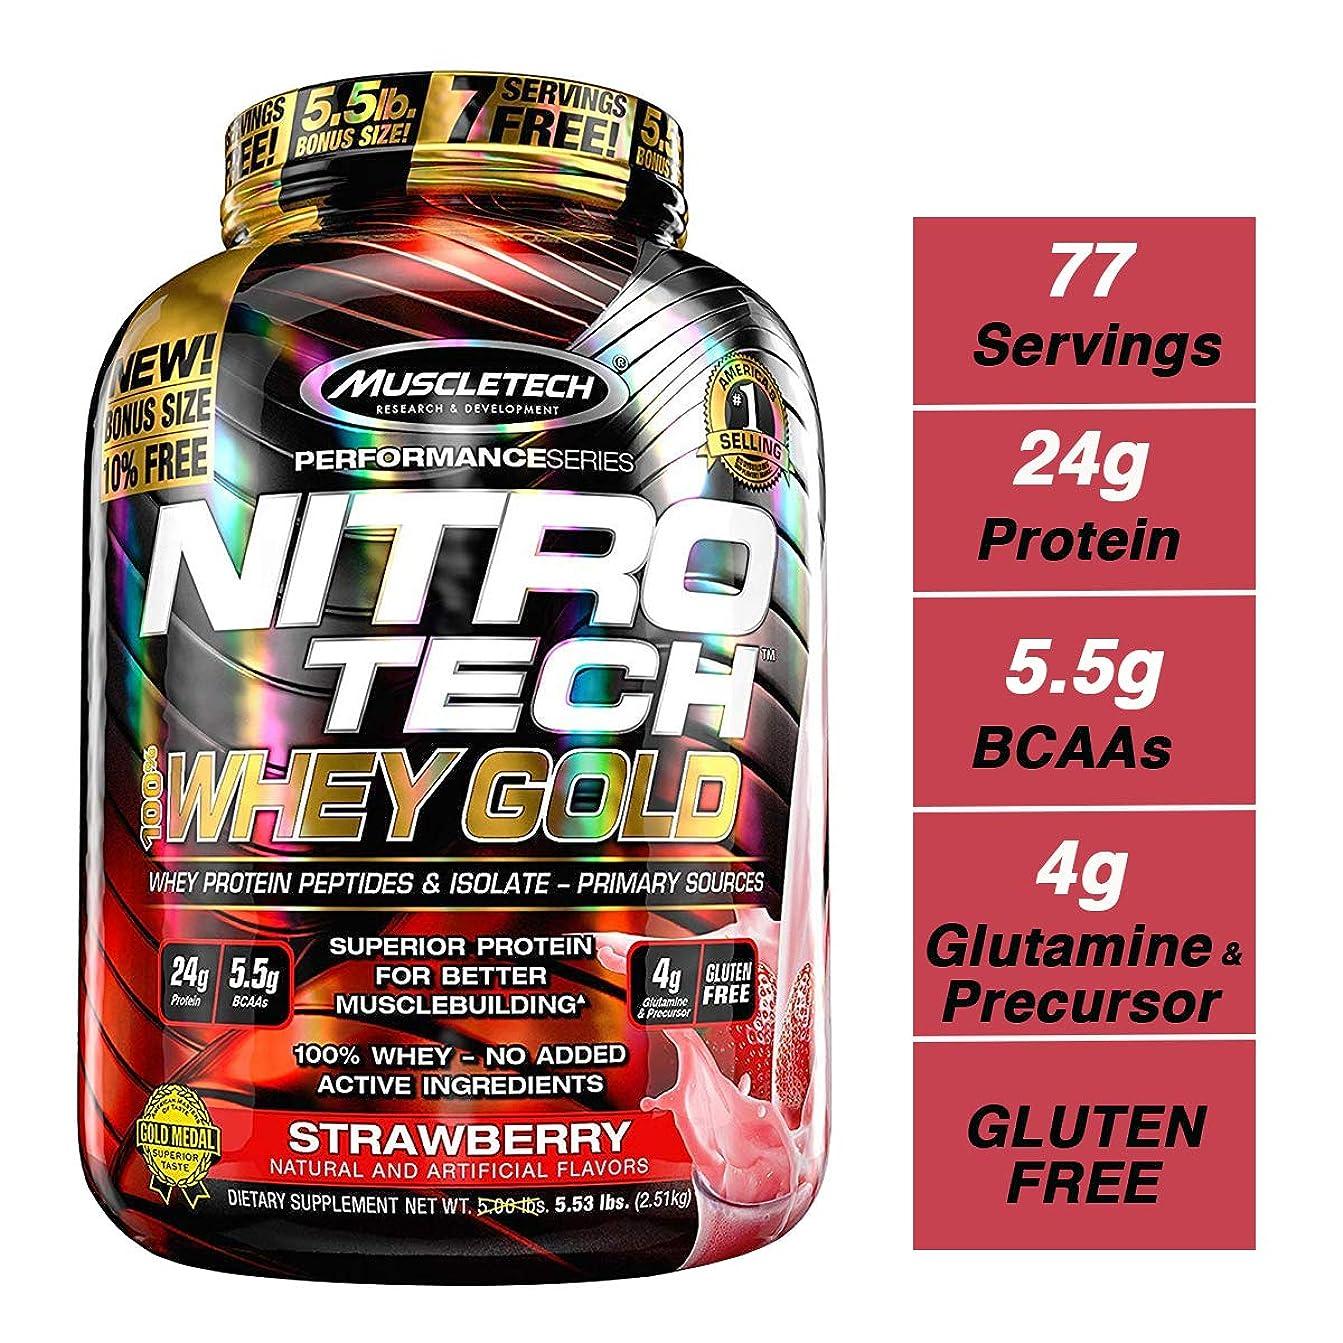 からチャレンジ経由でナイトロテック100%ホエイゴールド 2.51kg (Nitrotech 100% Whey Gold 5.53Lbs) (ストロベリー)